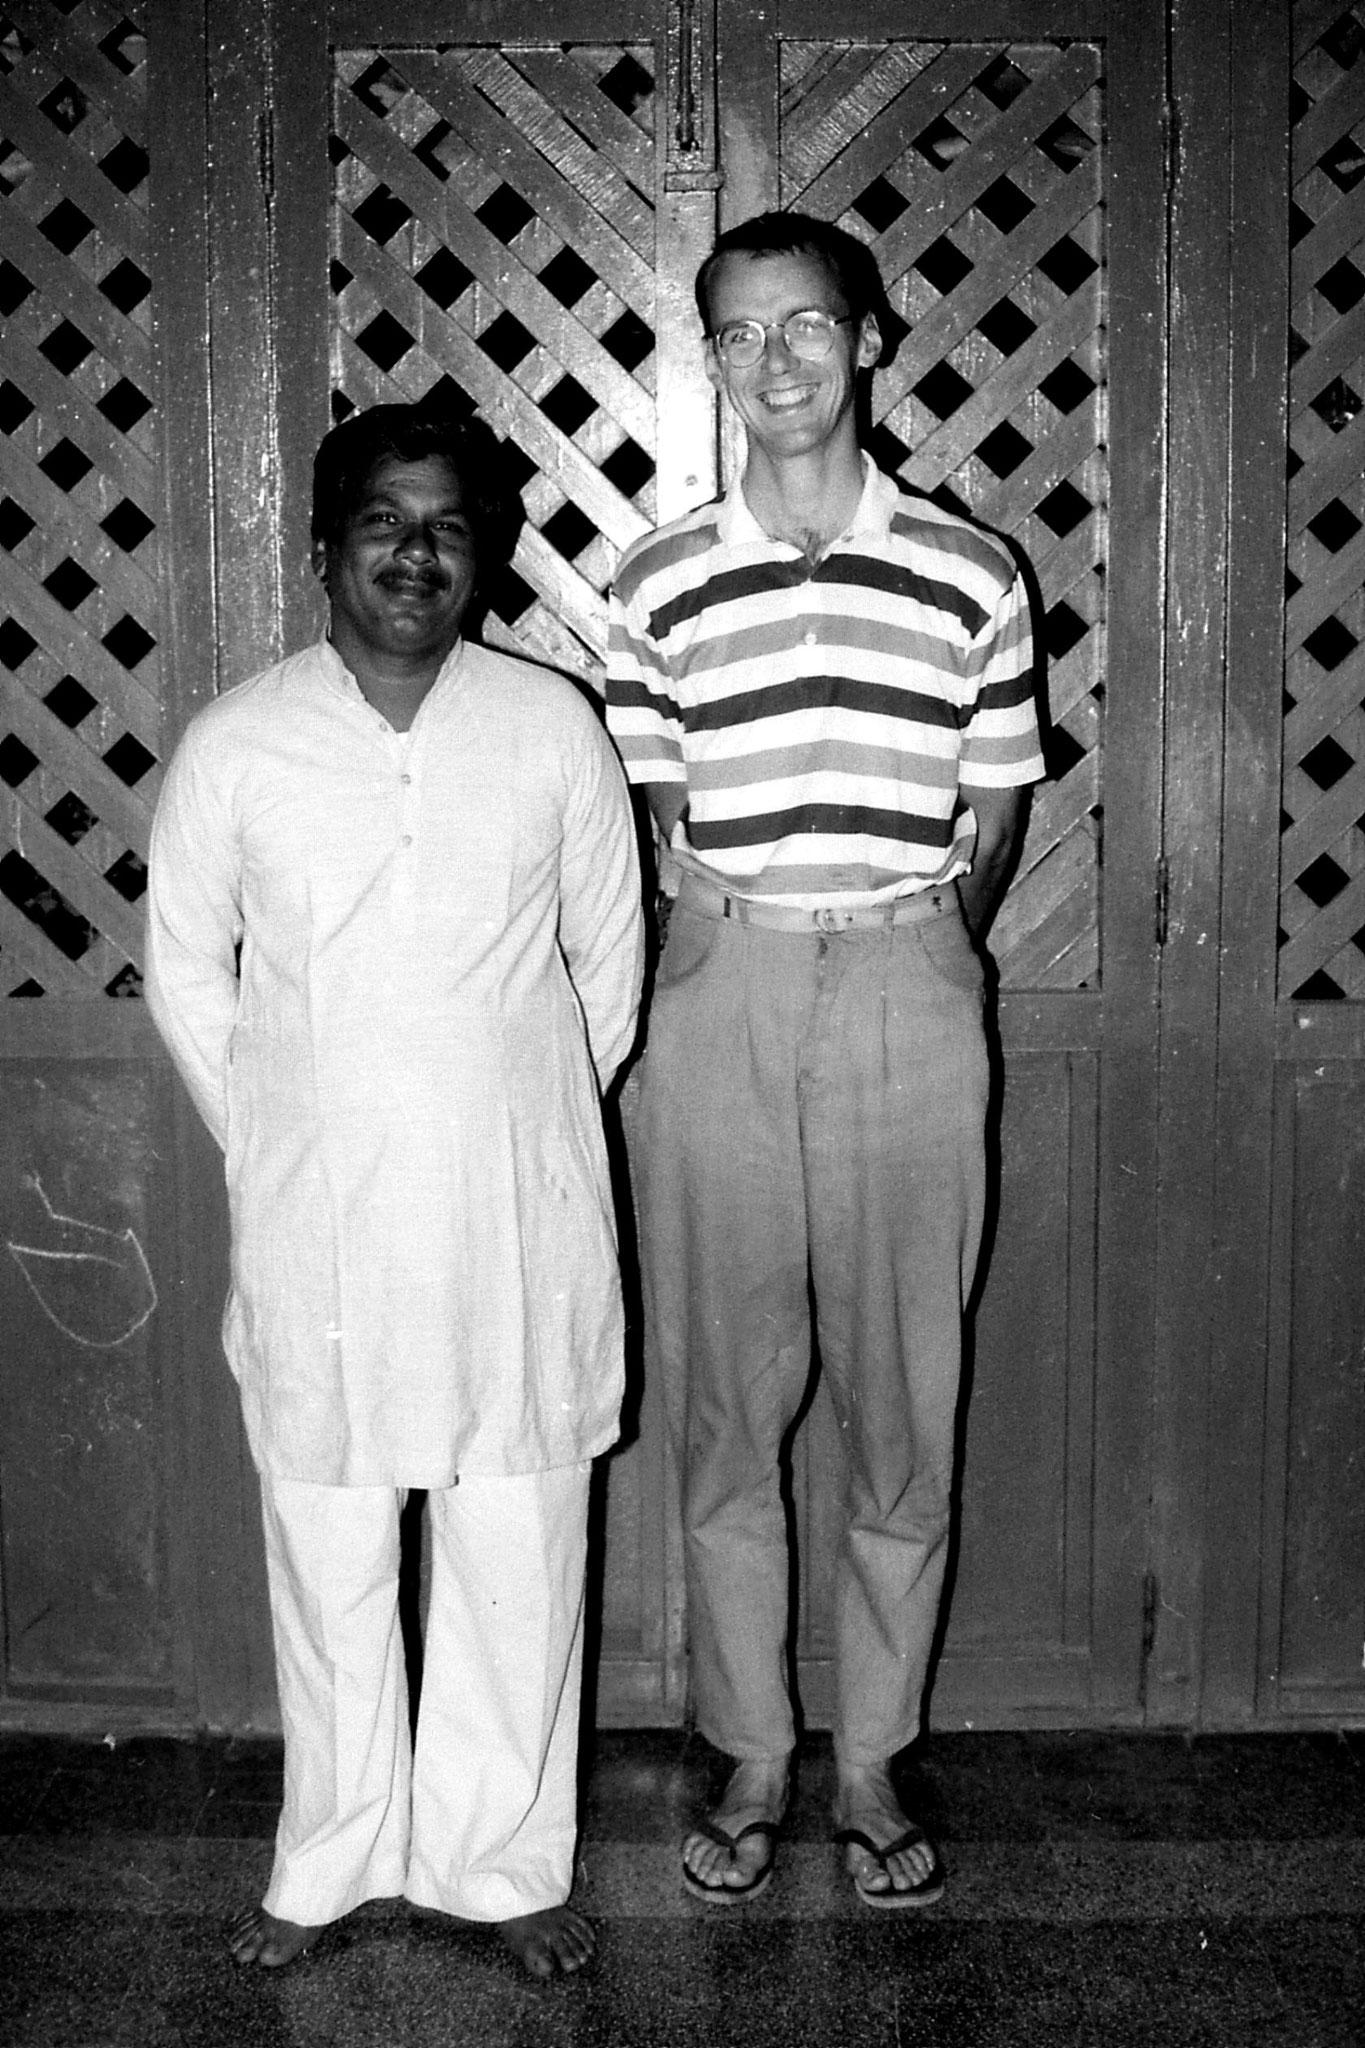 11/12/1989: 26: Chourasia family